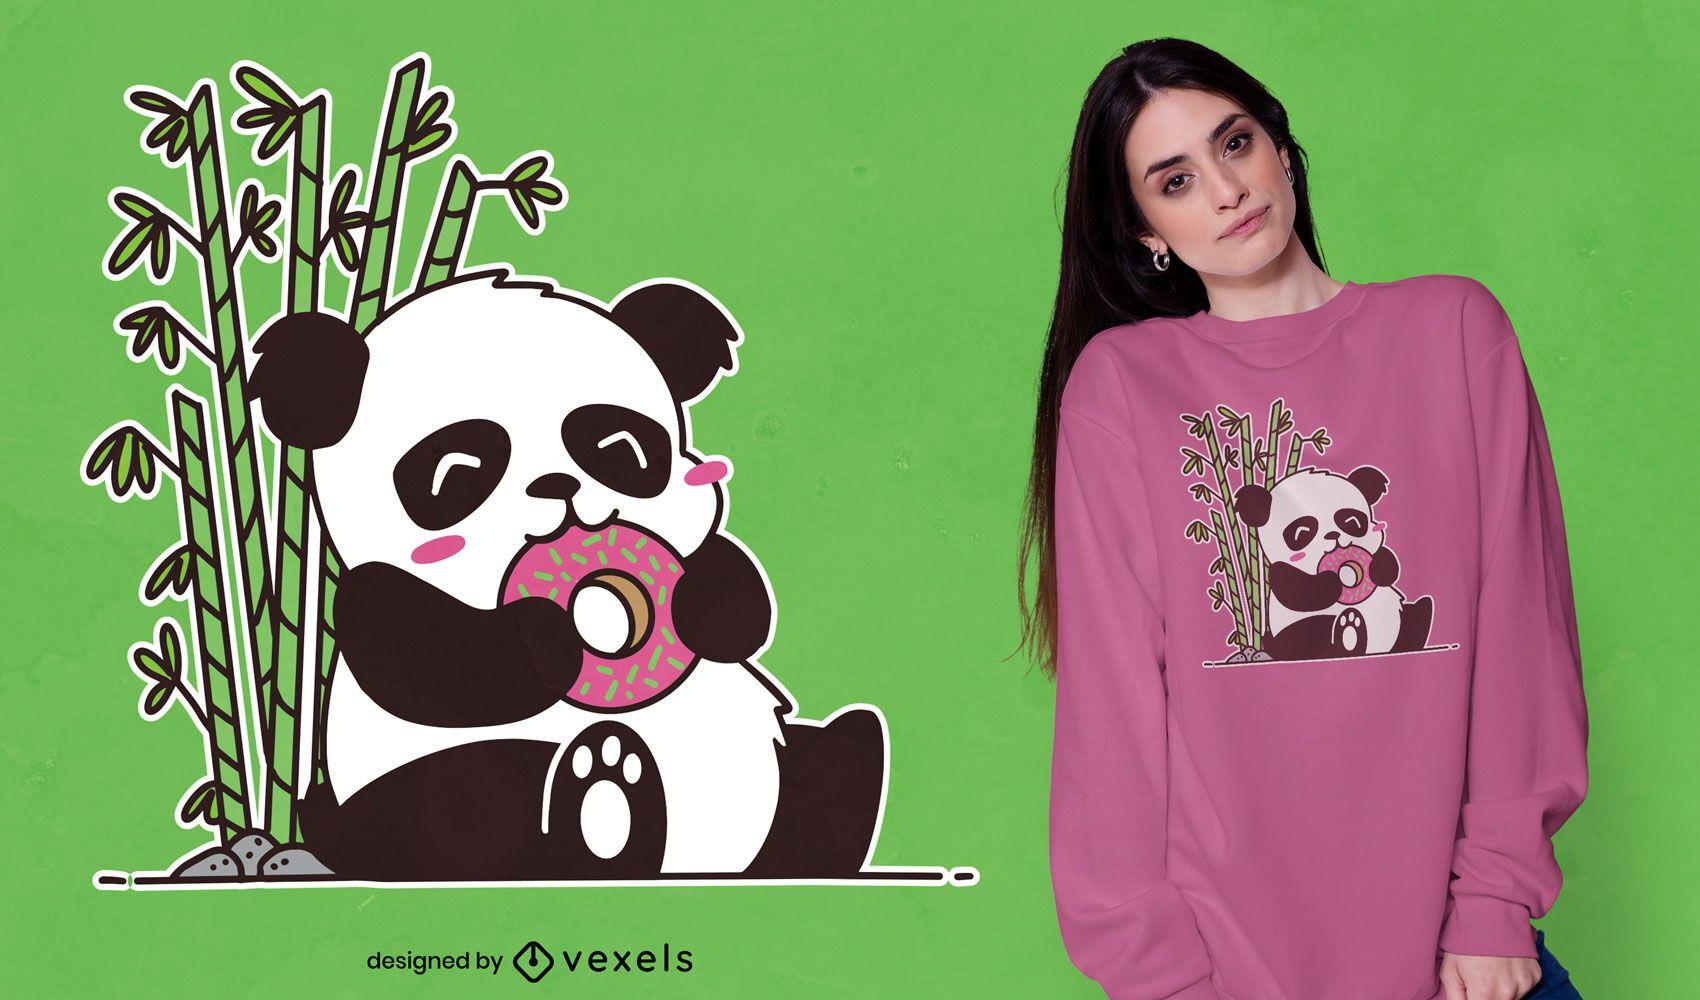 Dise?o de camiseta lindo panda comiendo donut